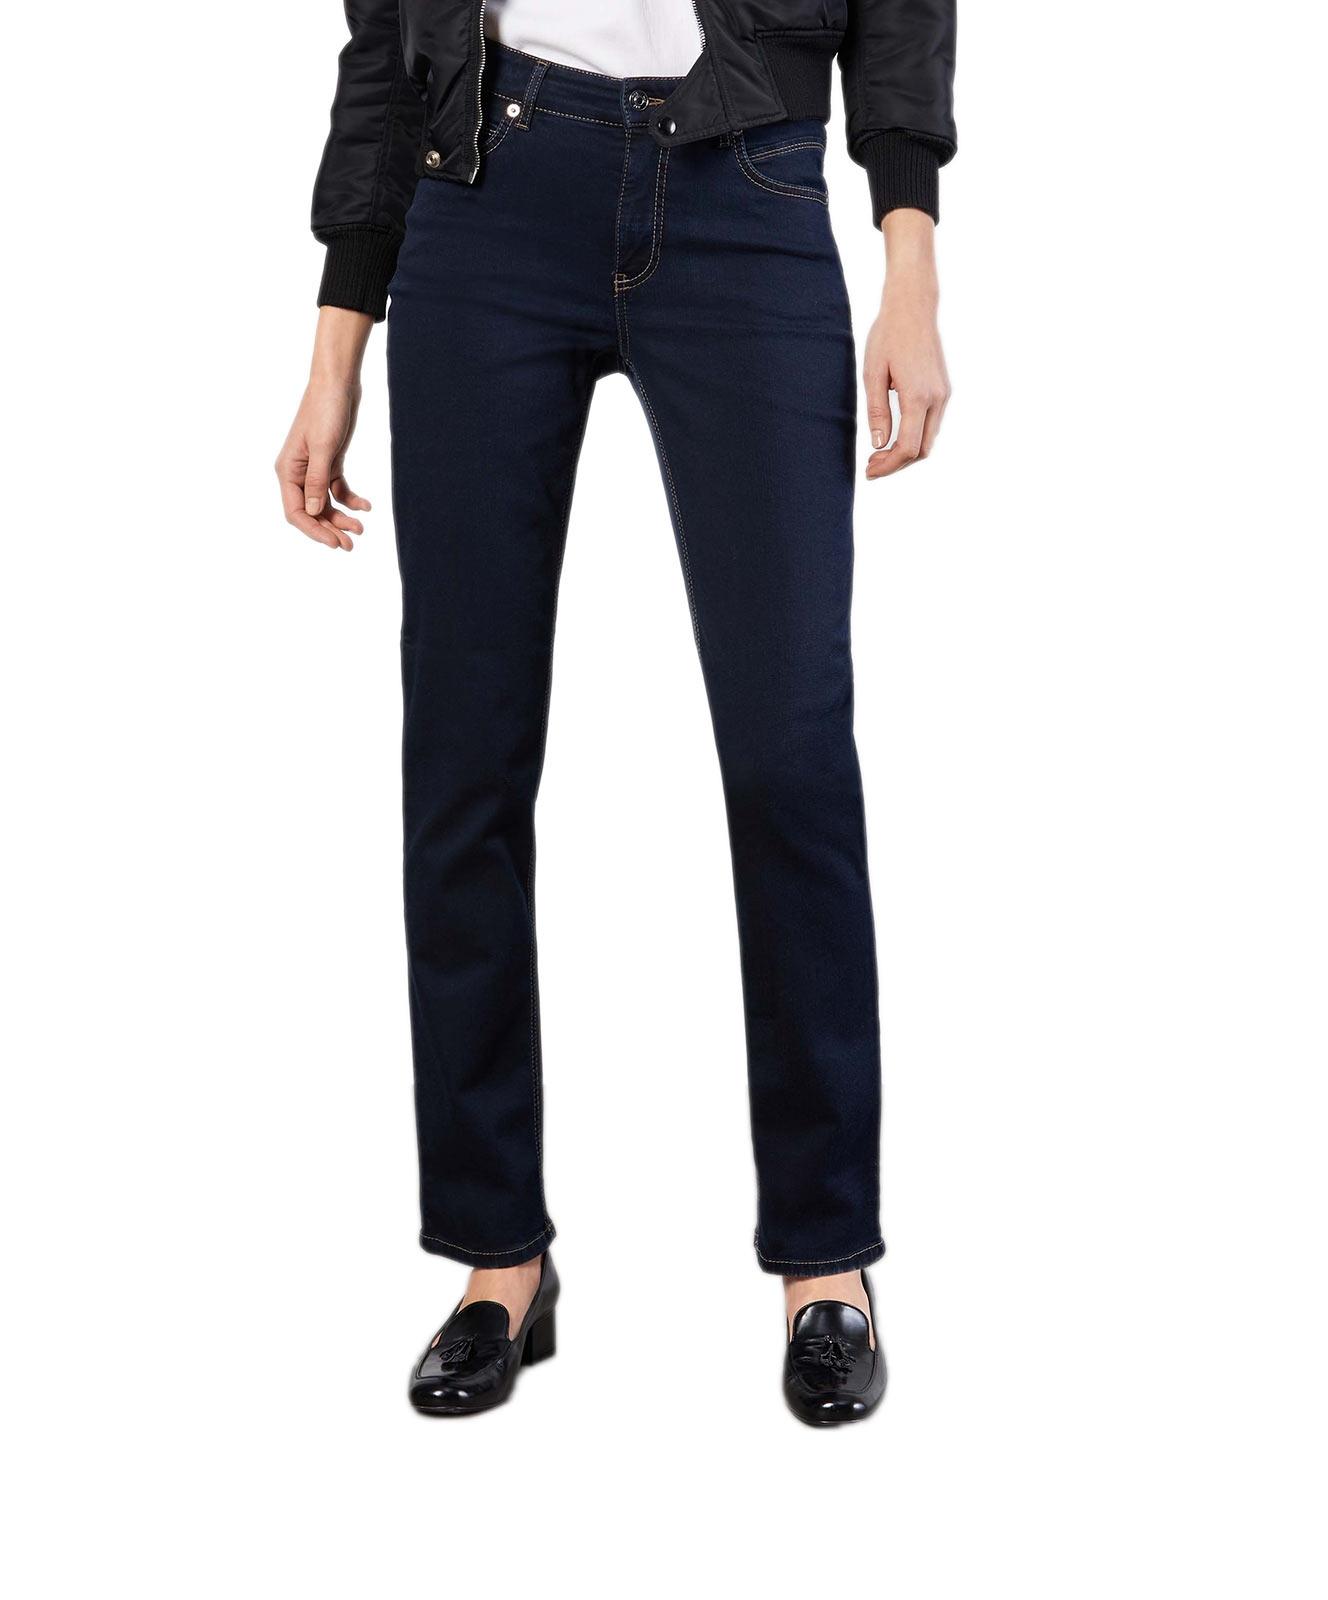 Hosen - MAC Straight Leg Jeans Melanie in Dark Rinsewash  - Onlineshop Jeans Meile